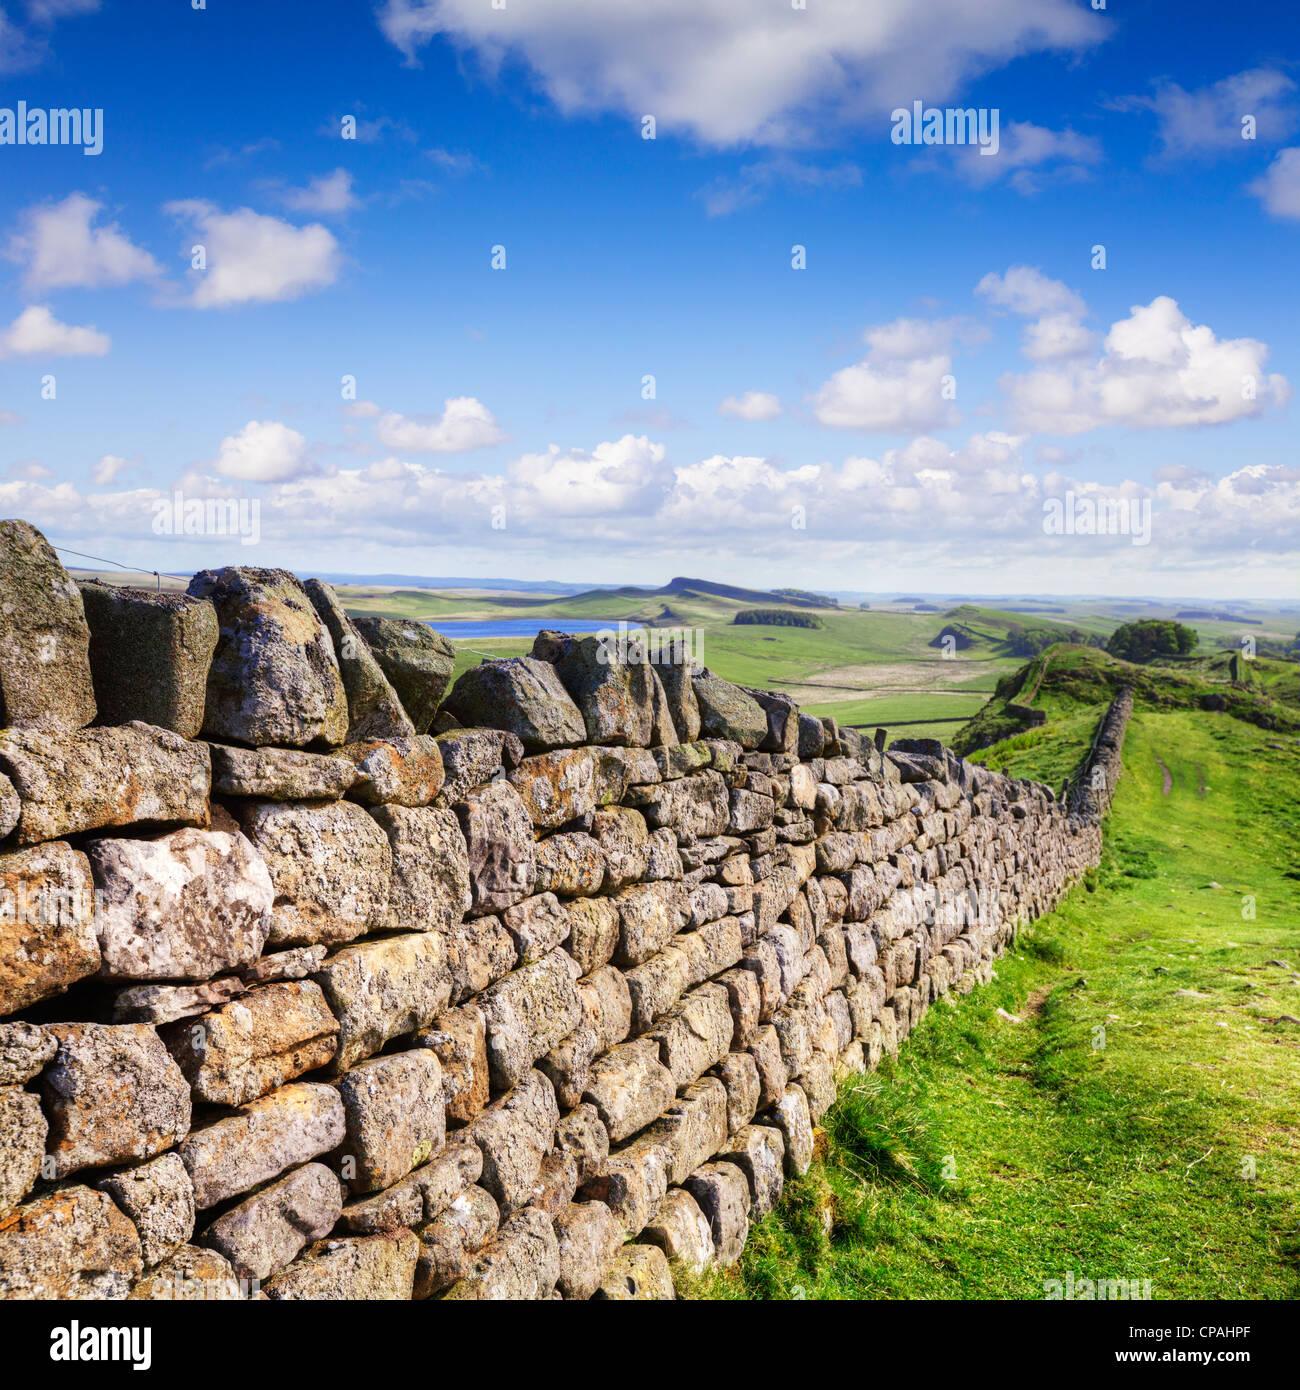 Trockenmauer als Hadrianswall in Northumberland den gleichen Kurs ausgeführt. Stockbild